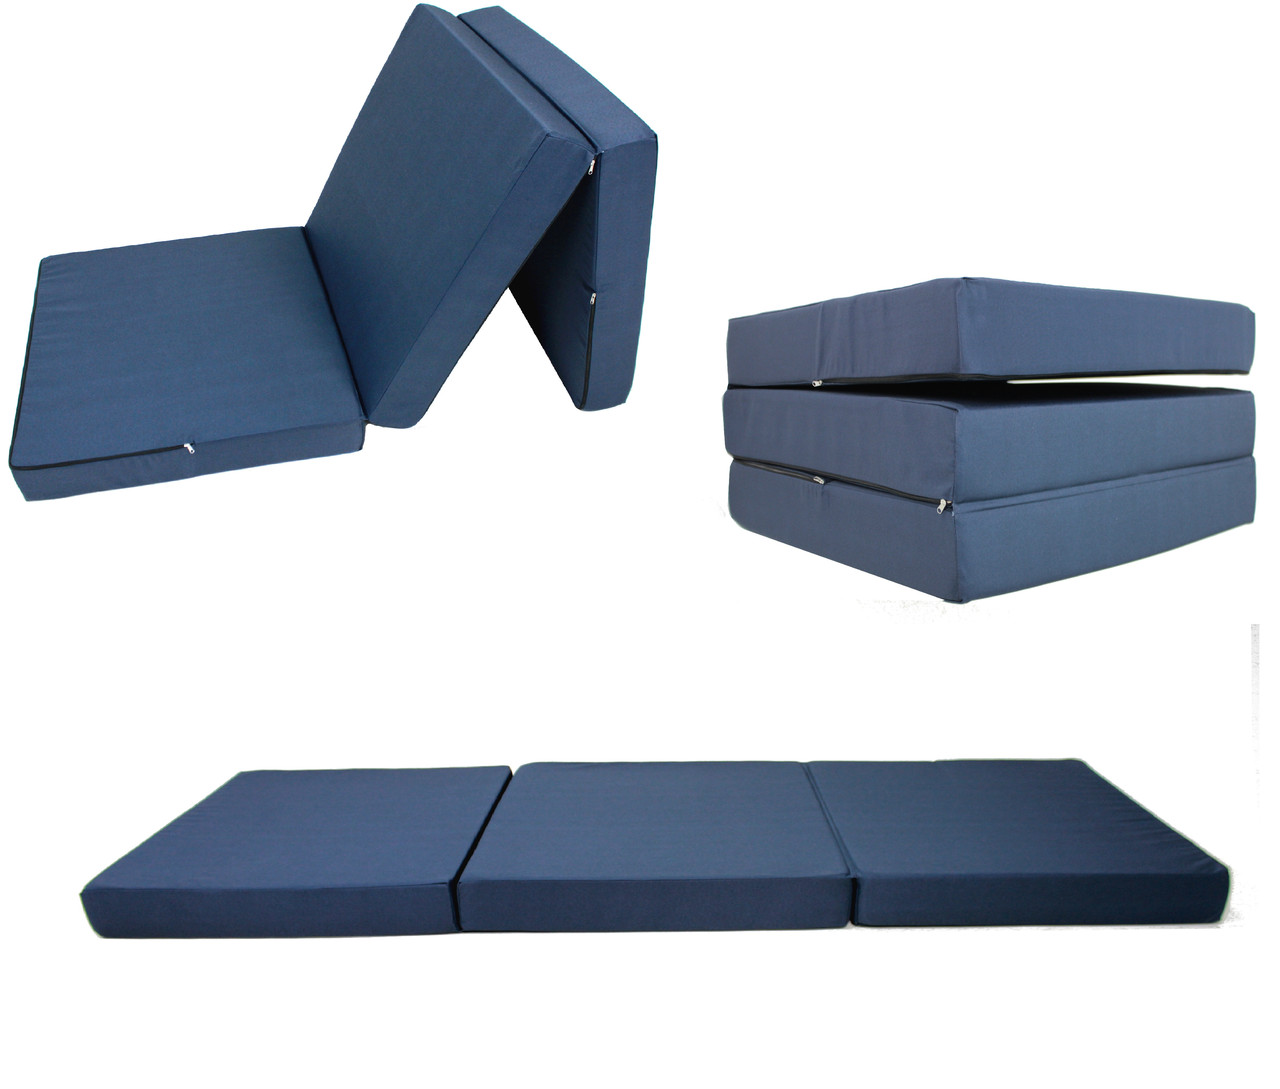 Матрас раскладной 70*195 см, раскладушка, пуф-кровать синий